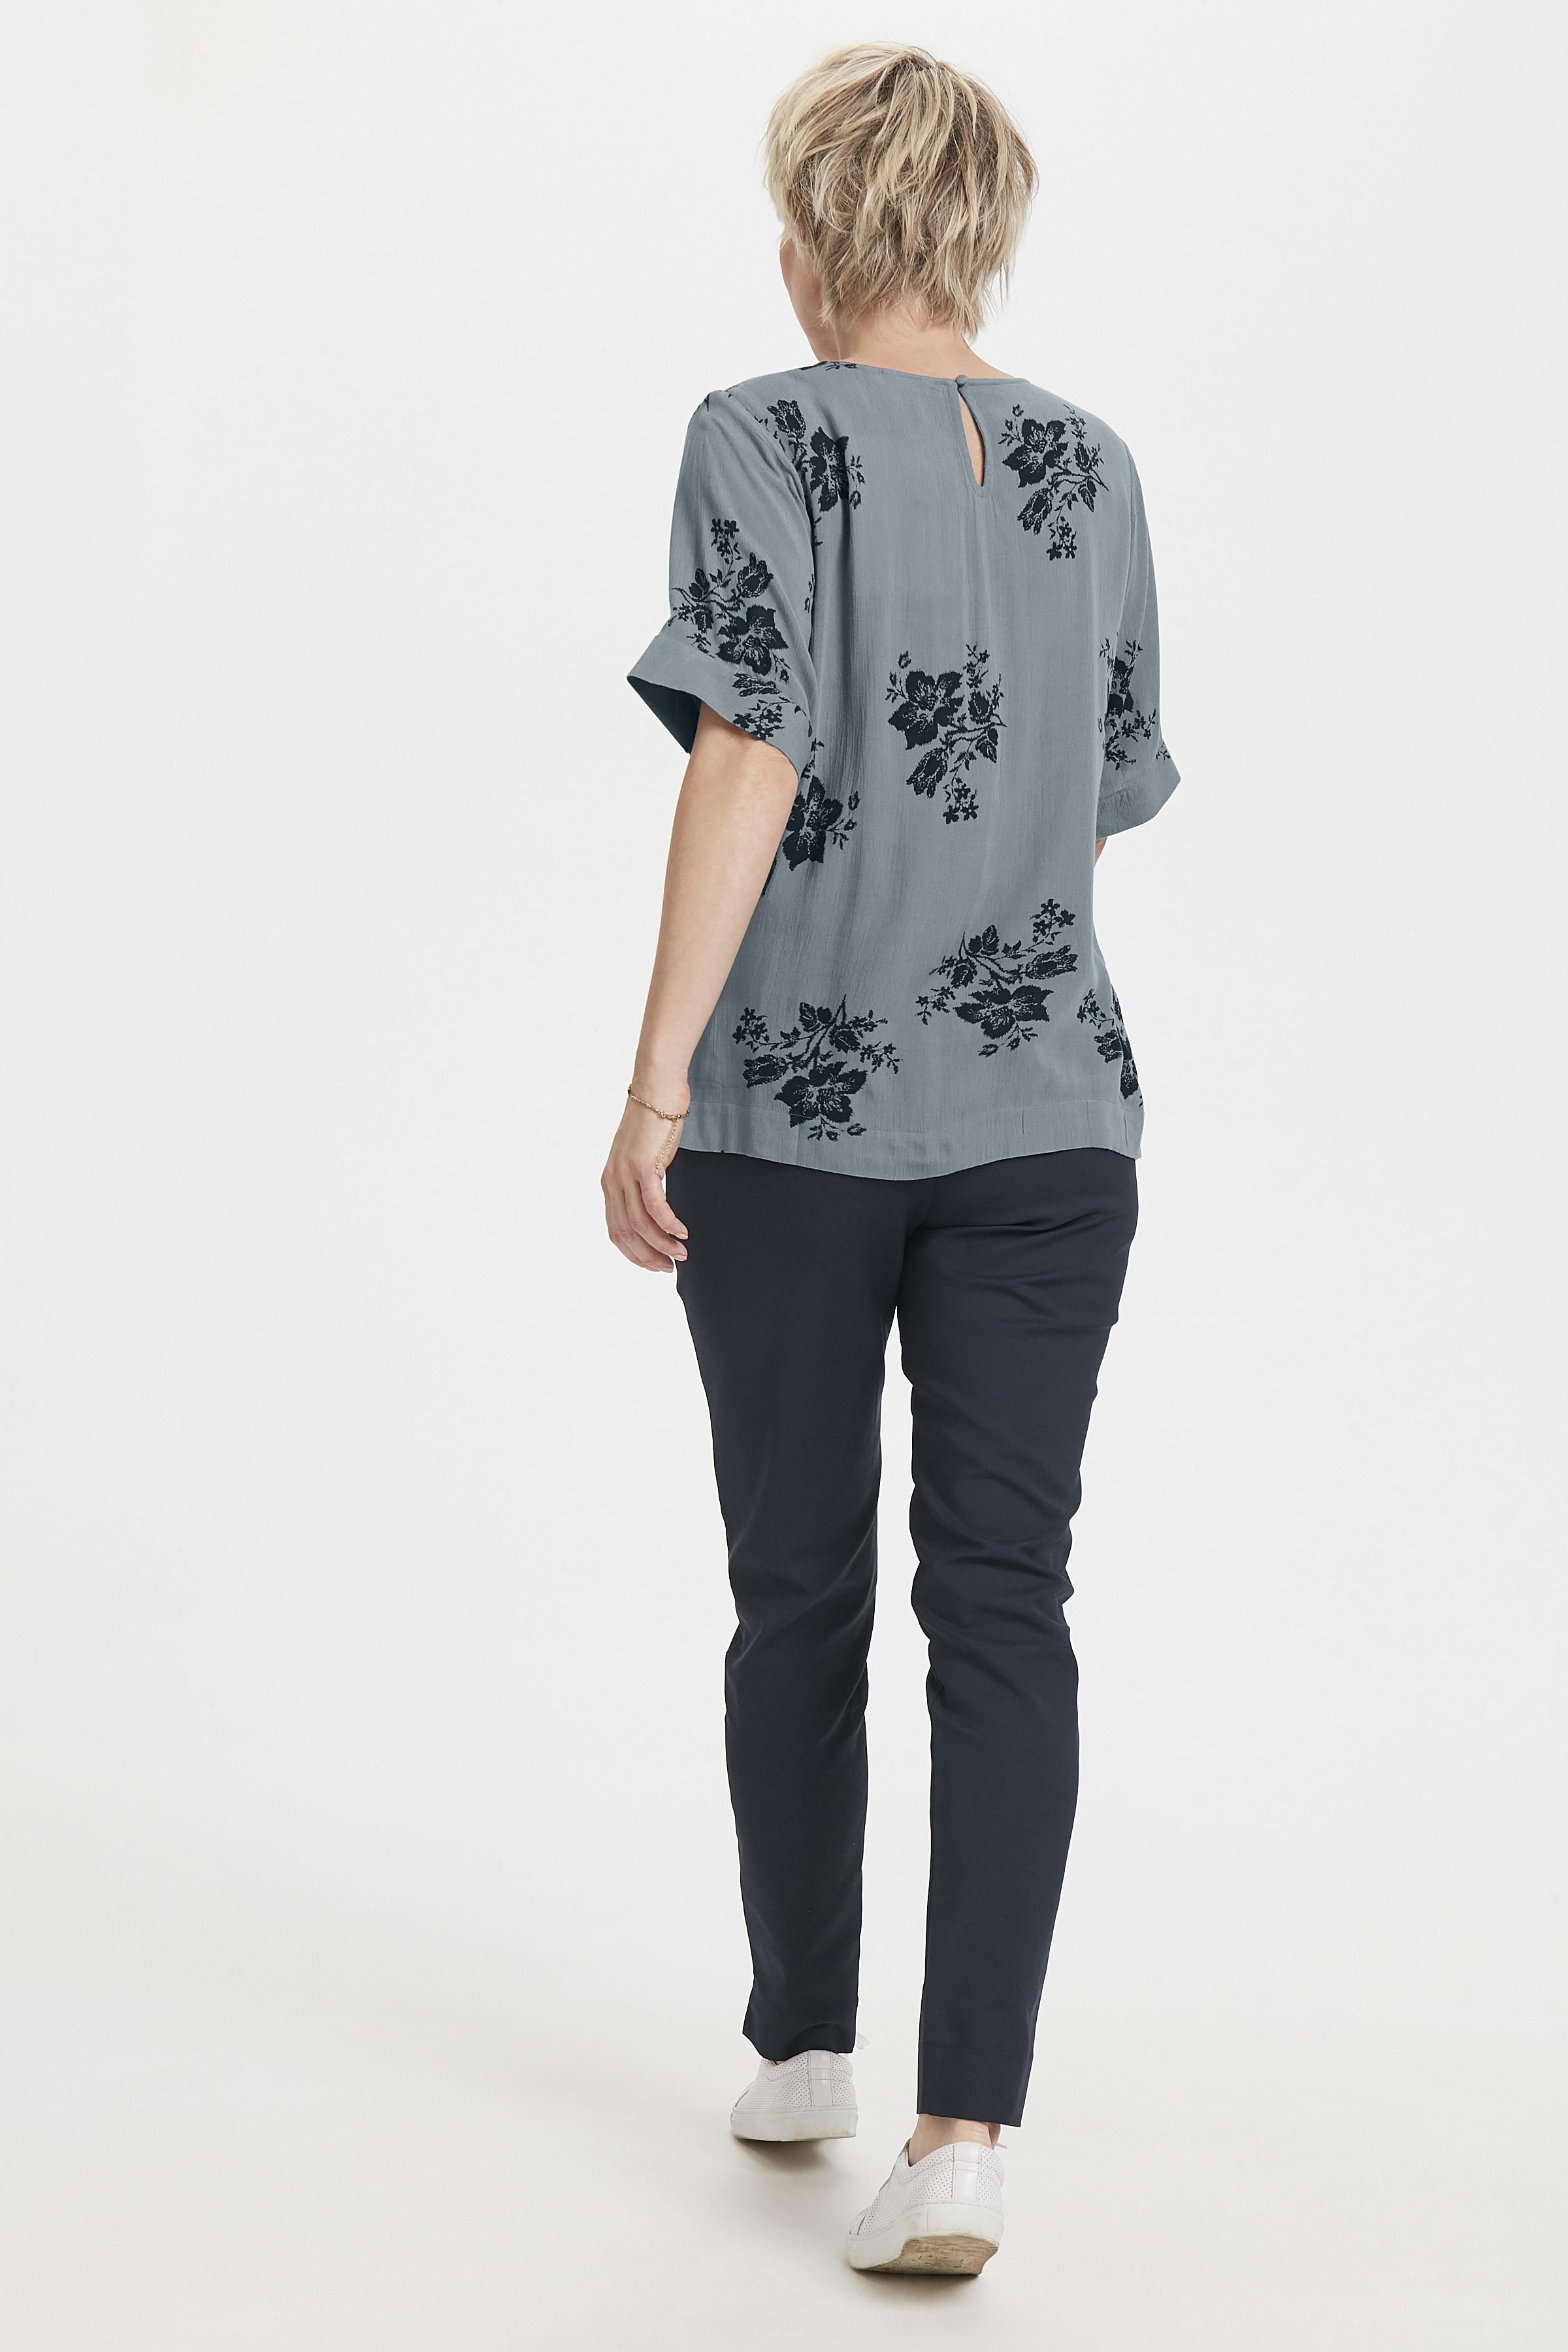 Staubblau/marineblau Bluse von Bon'A Parte – Shoppen SieStaubblau/marineblau Bluse ab Gr. S-2XL hier